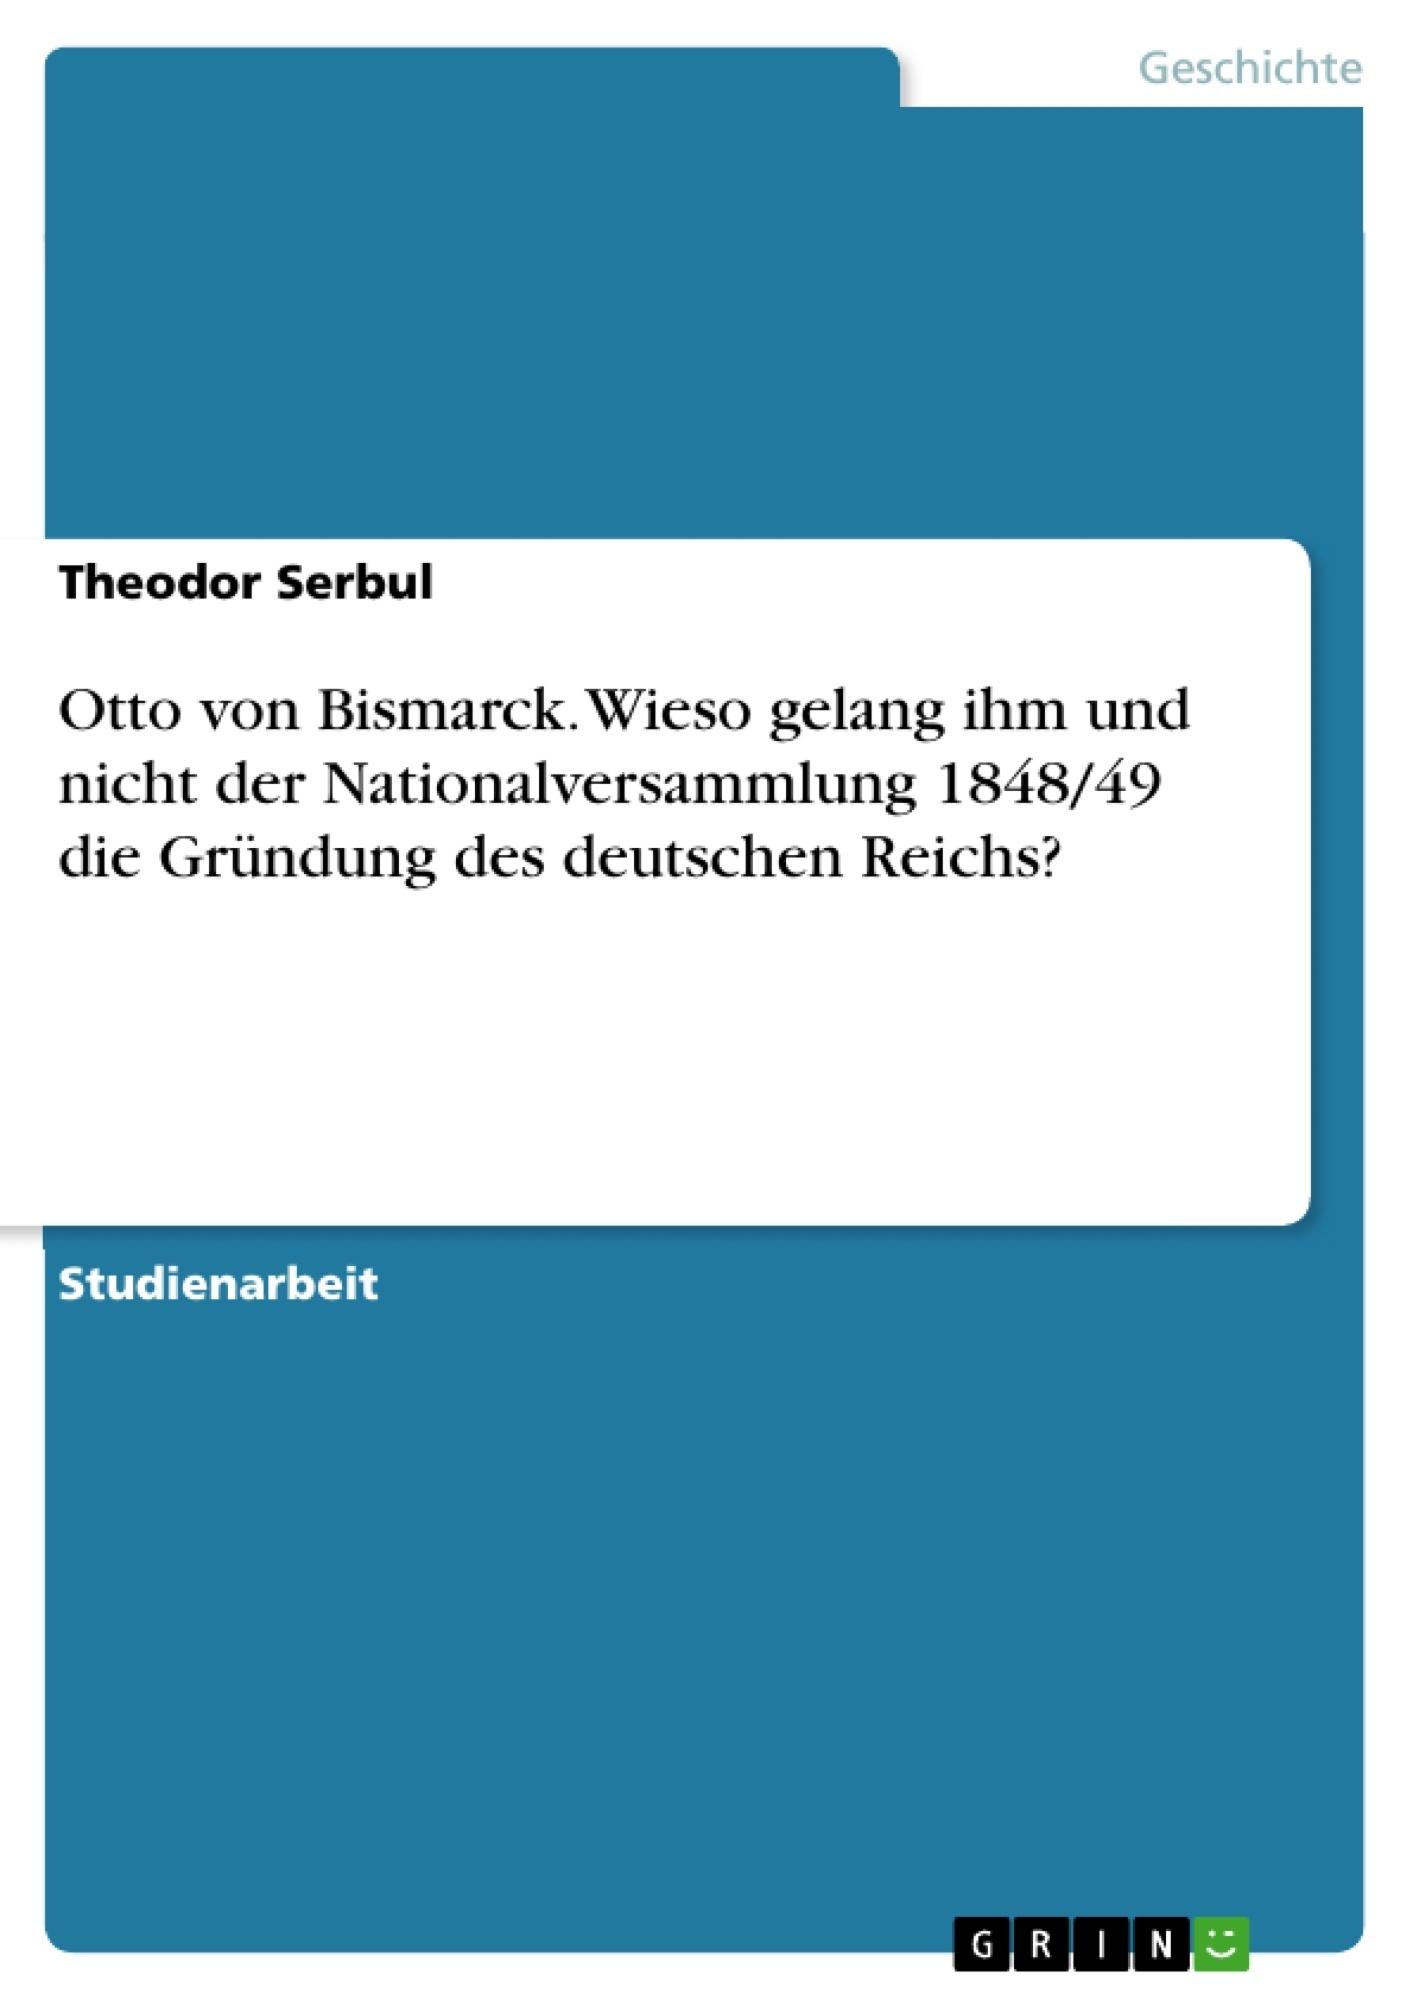 Titel: Otto von Bismarck. Wieso gelang ihm und nicht der Nationalversammlung 1848/49 die Gründung des deutschen Reichs?